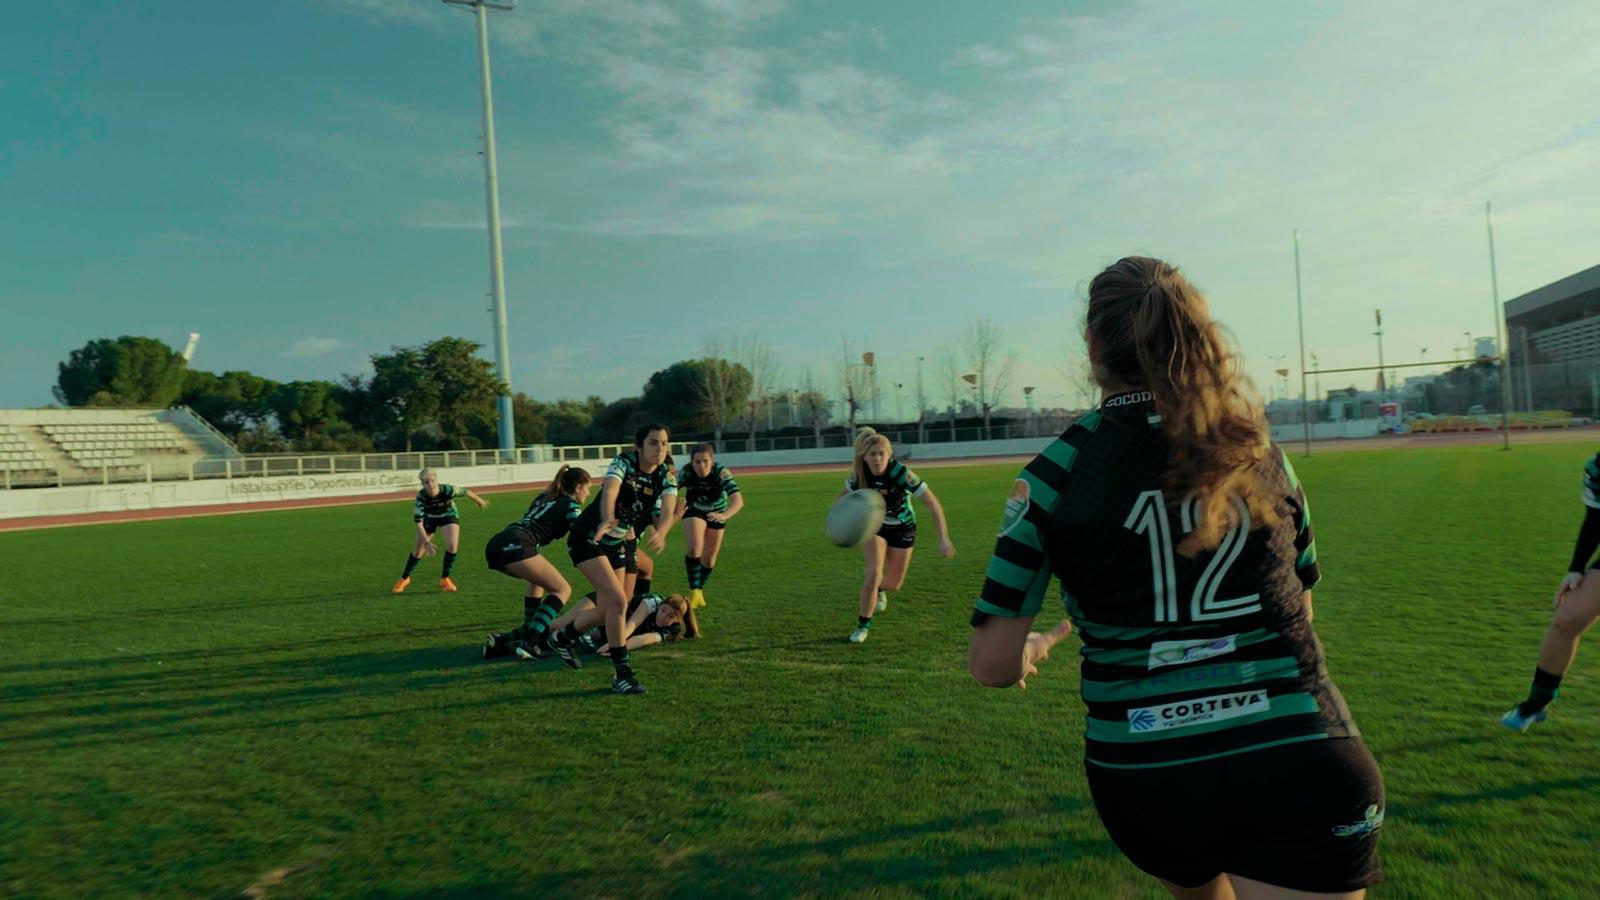 Andalucía es deporte | Fotografías del autor/productora